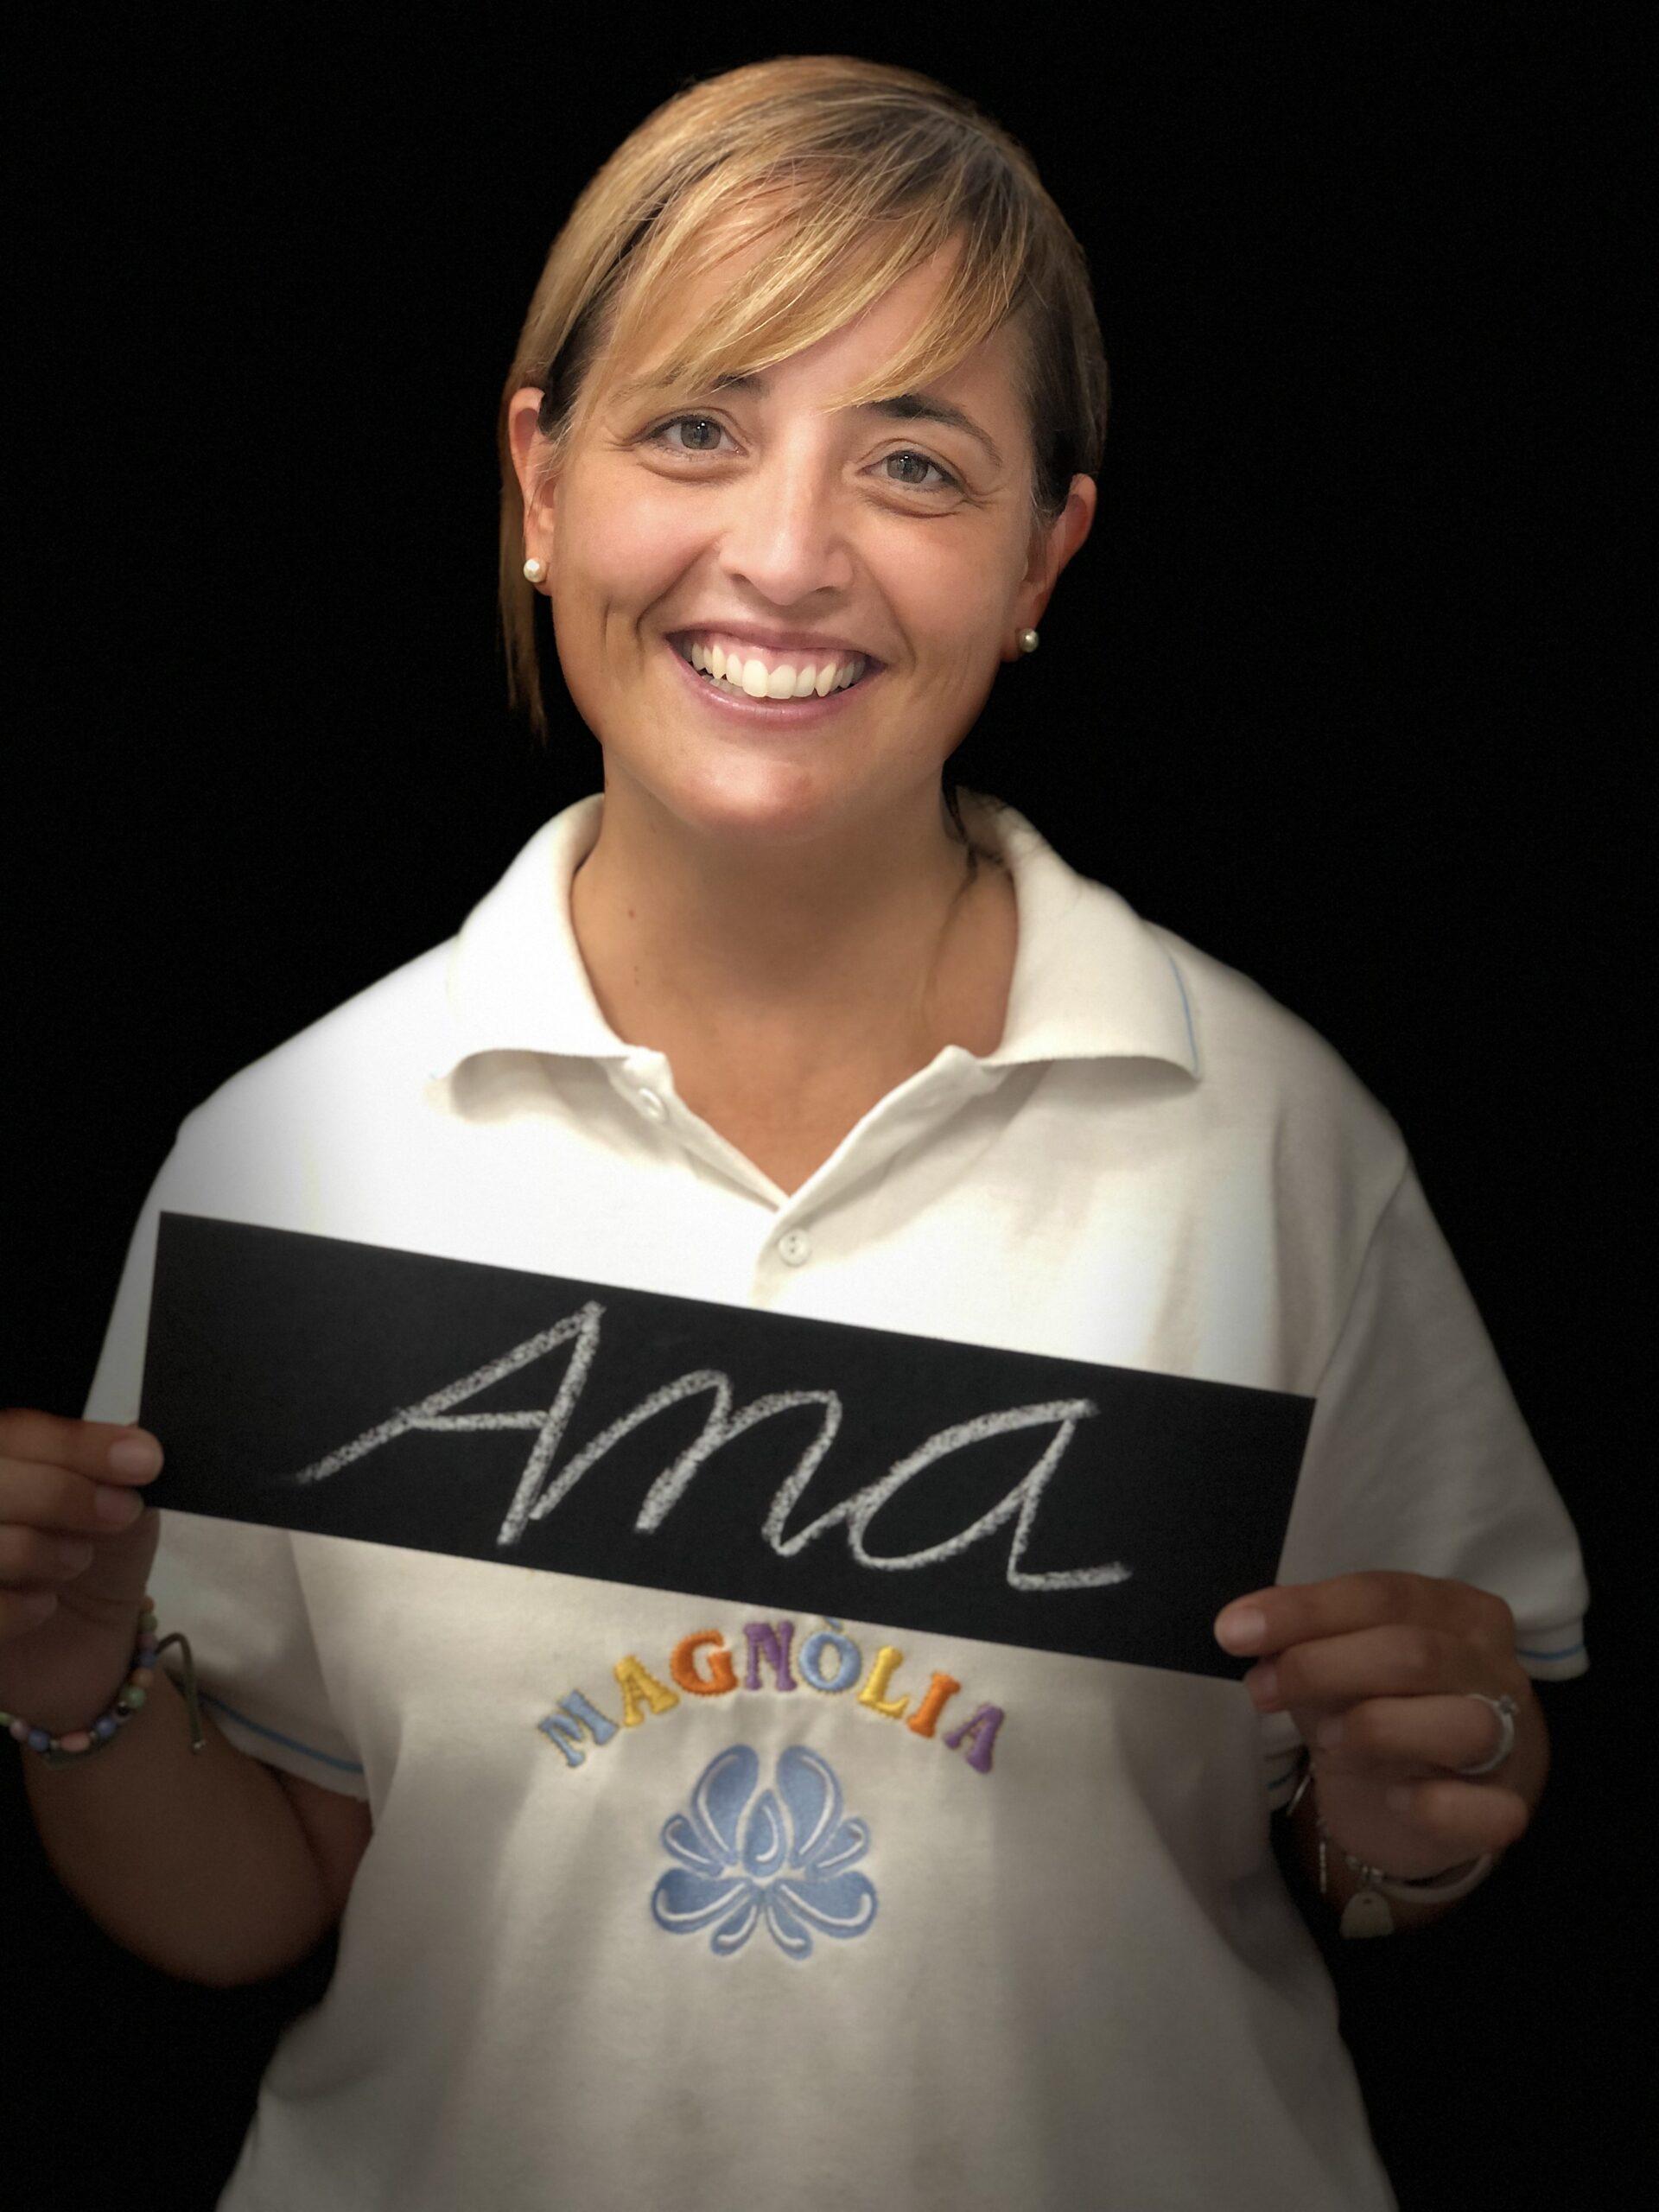 Ana Arnaus